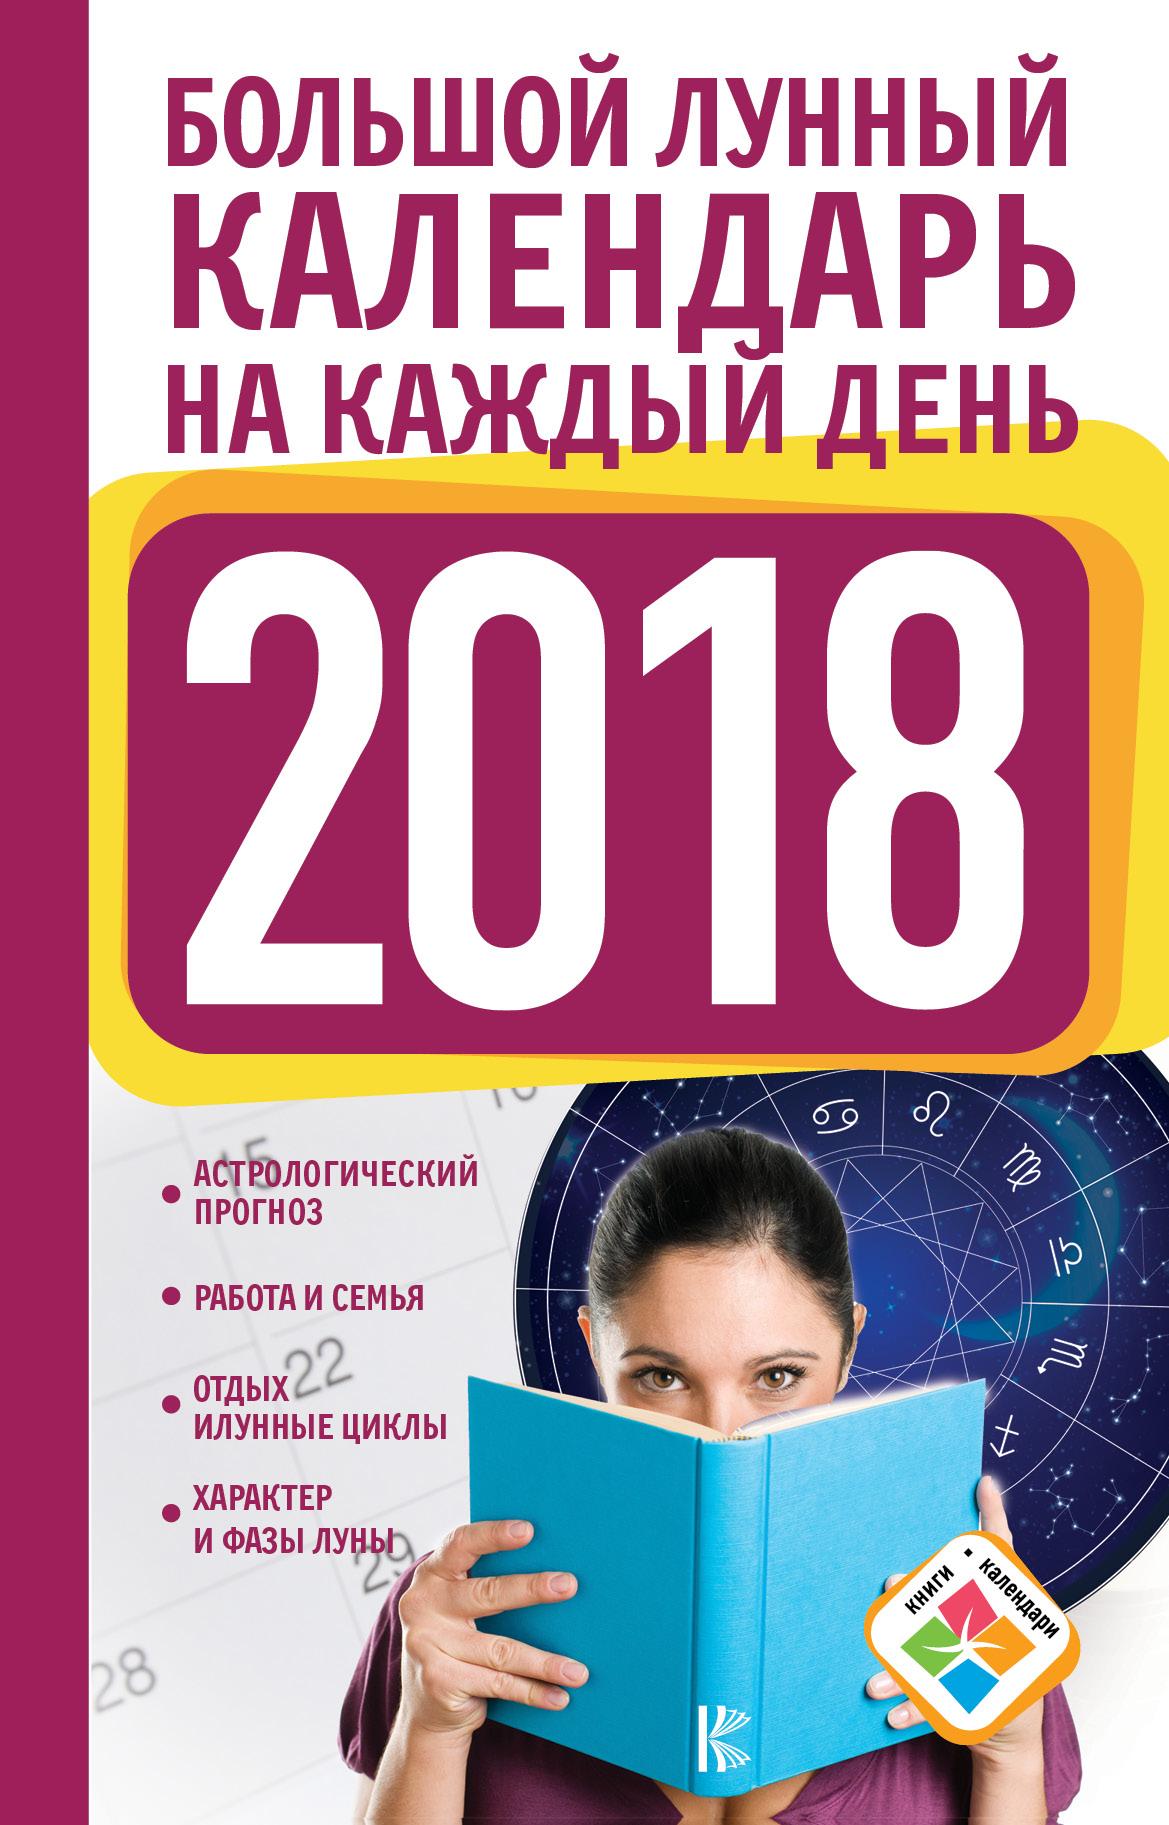 семенова а оздоровительные советы на каждый день 2014 года Виноградова Н., Большой лунный календарь на каждый день 2018 года